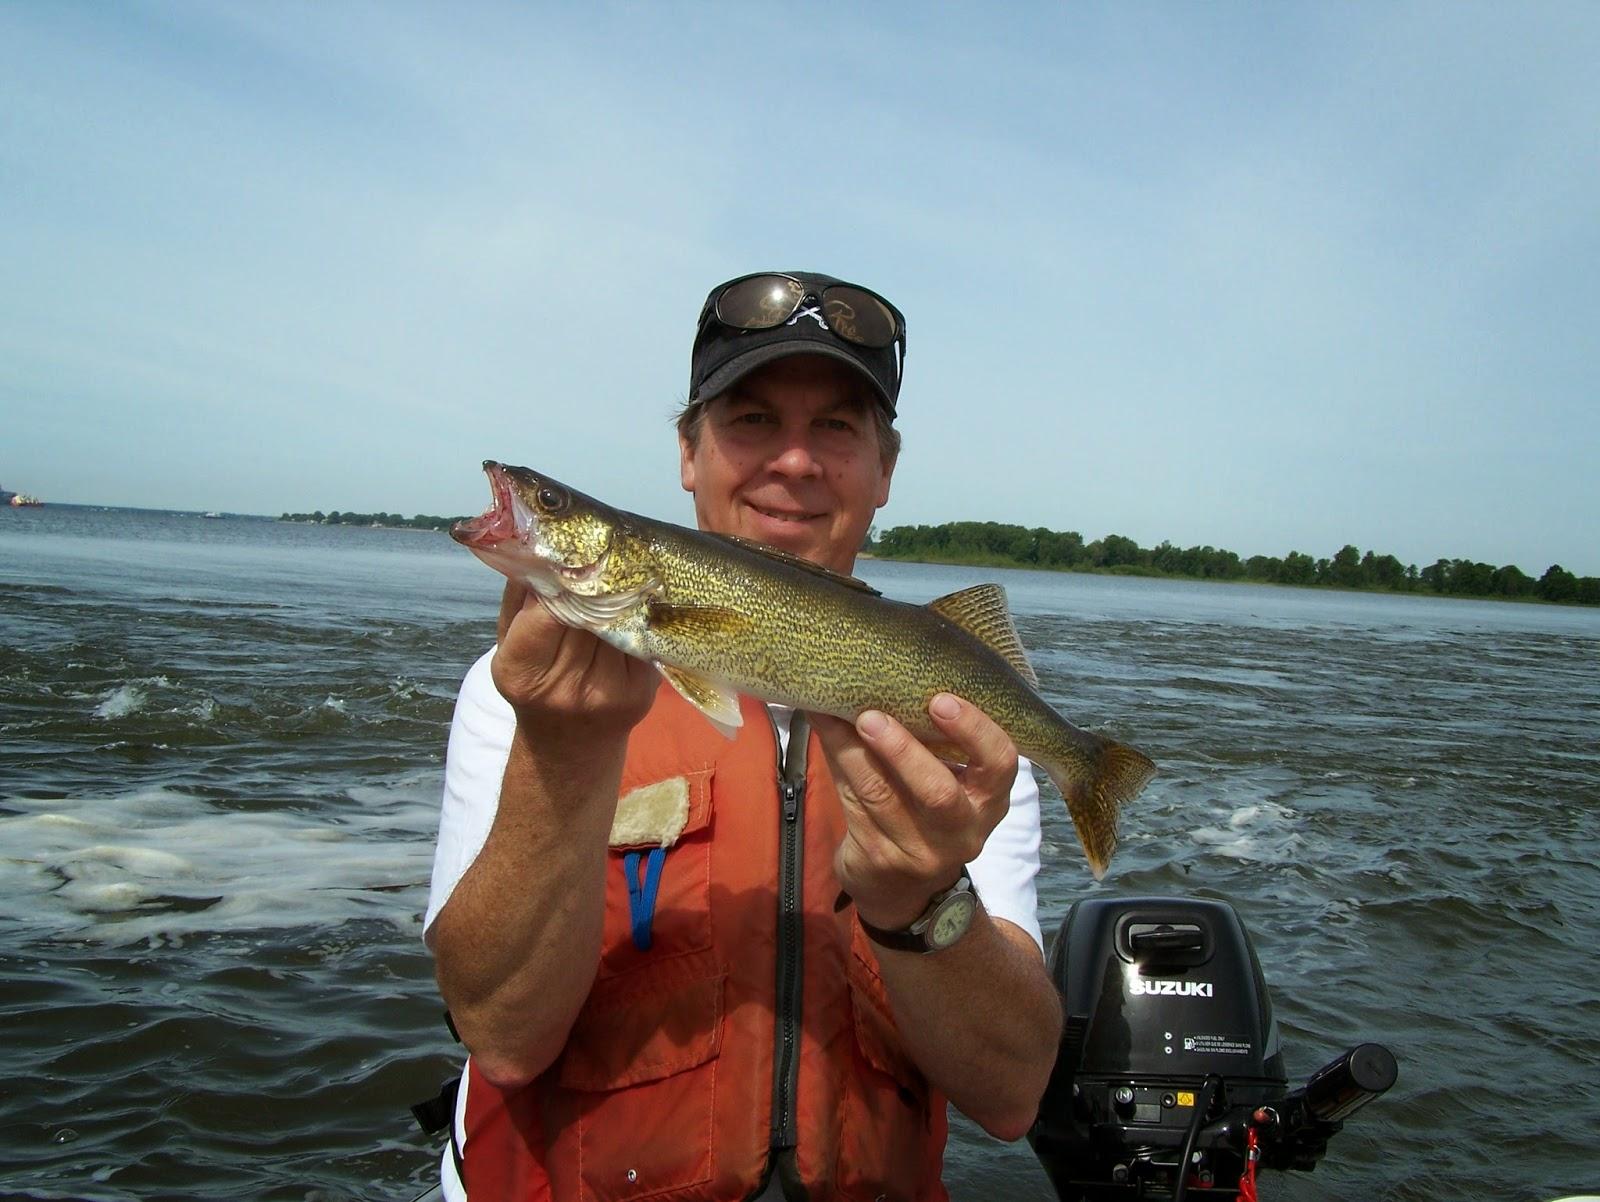 La pêche au Québec, pêche au doré, pêche lac Saint-Pierre, blogue sur la pêche, expert de pêche